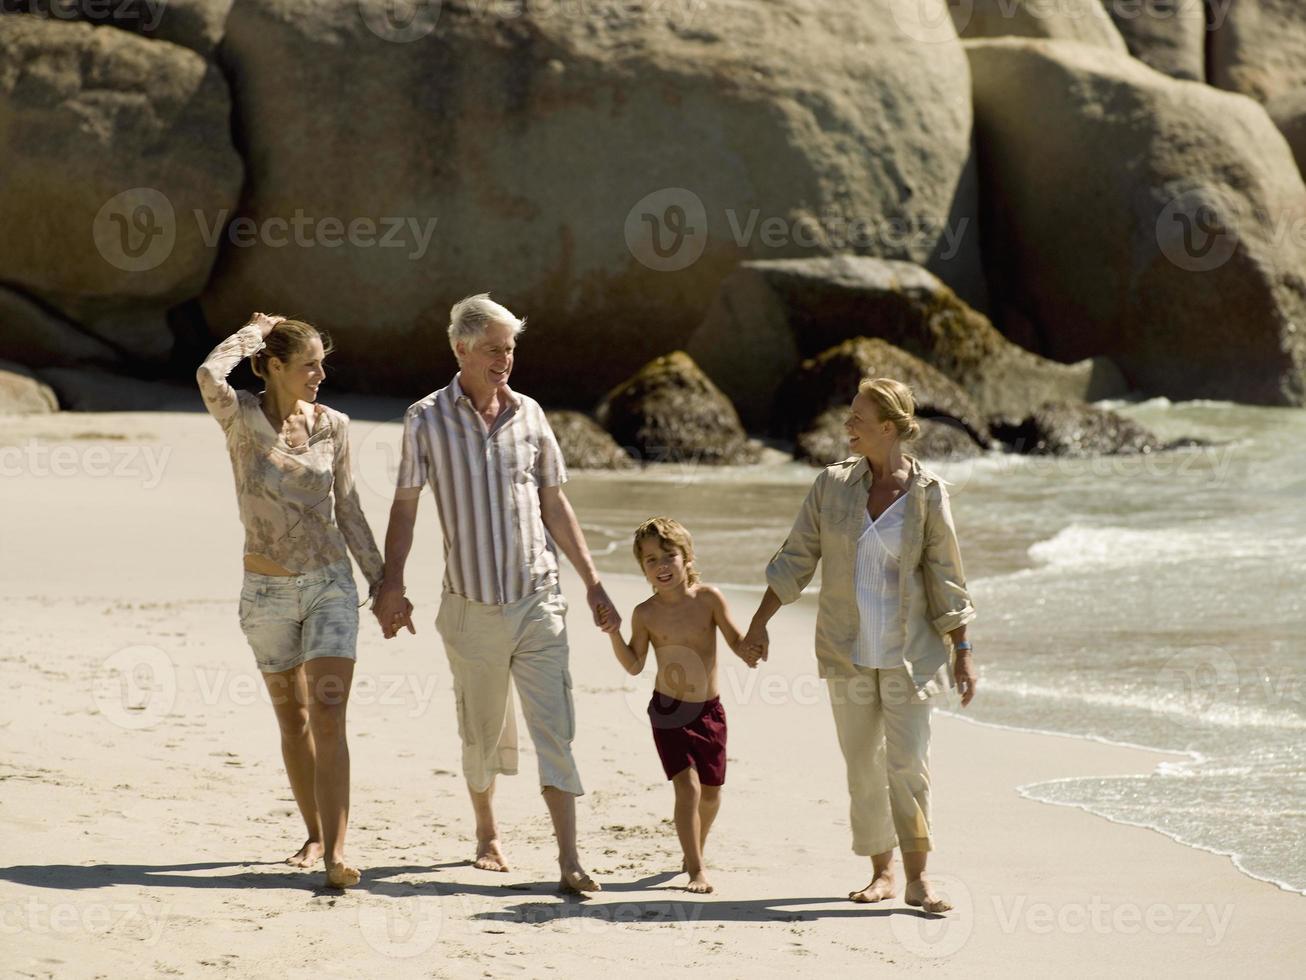 familj på en strand. foto